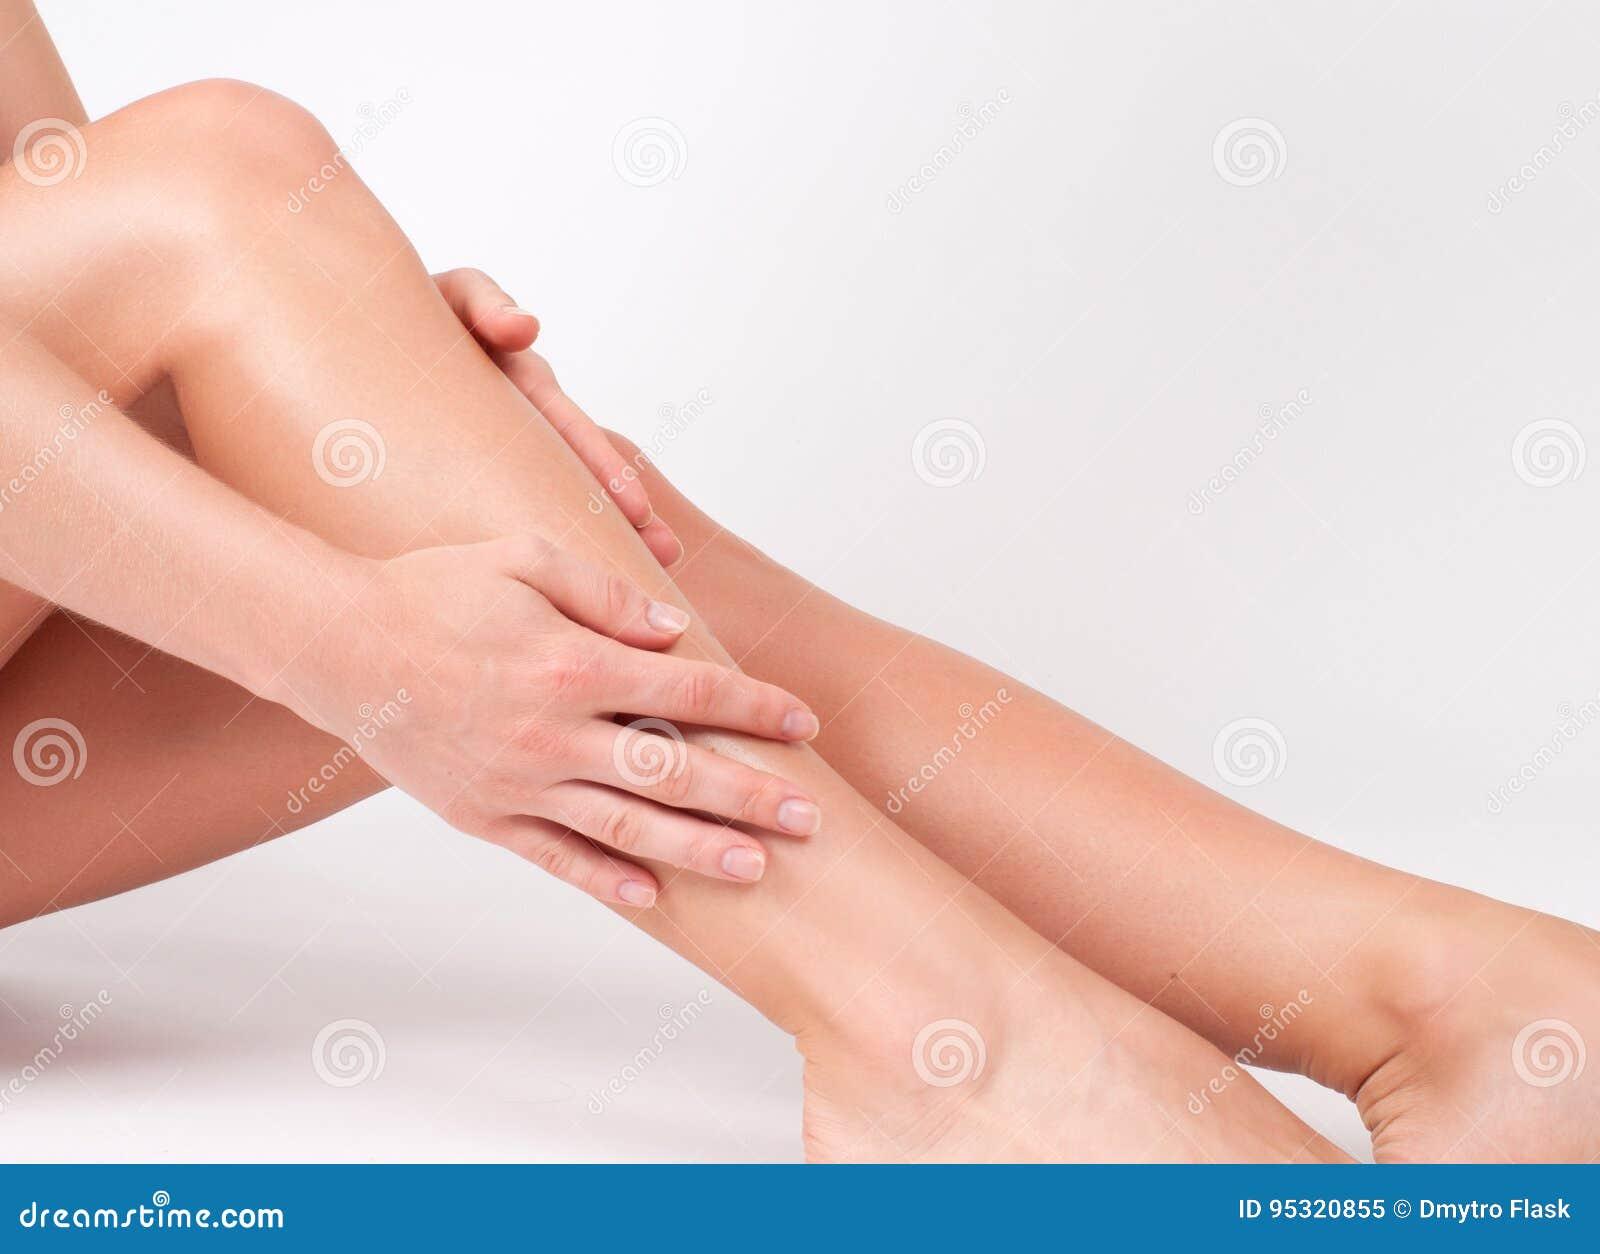 Épilation et epilation Jambes de femme avec la peau lisse après dépilage